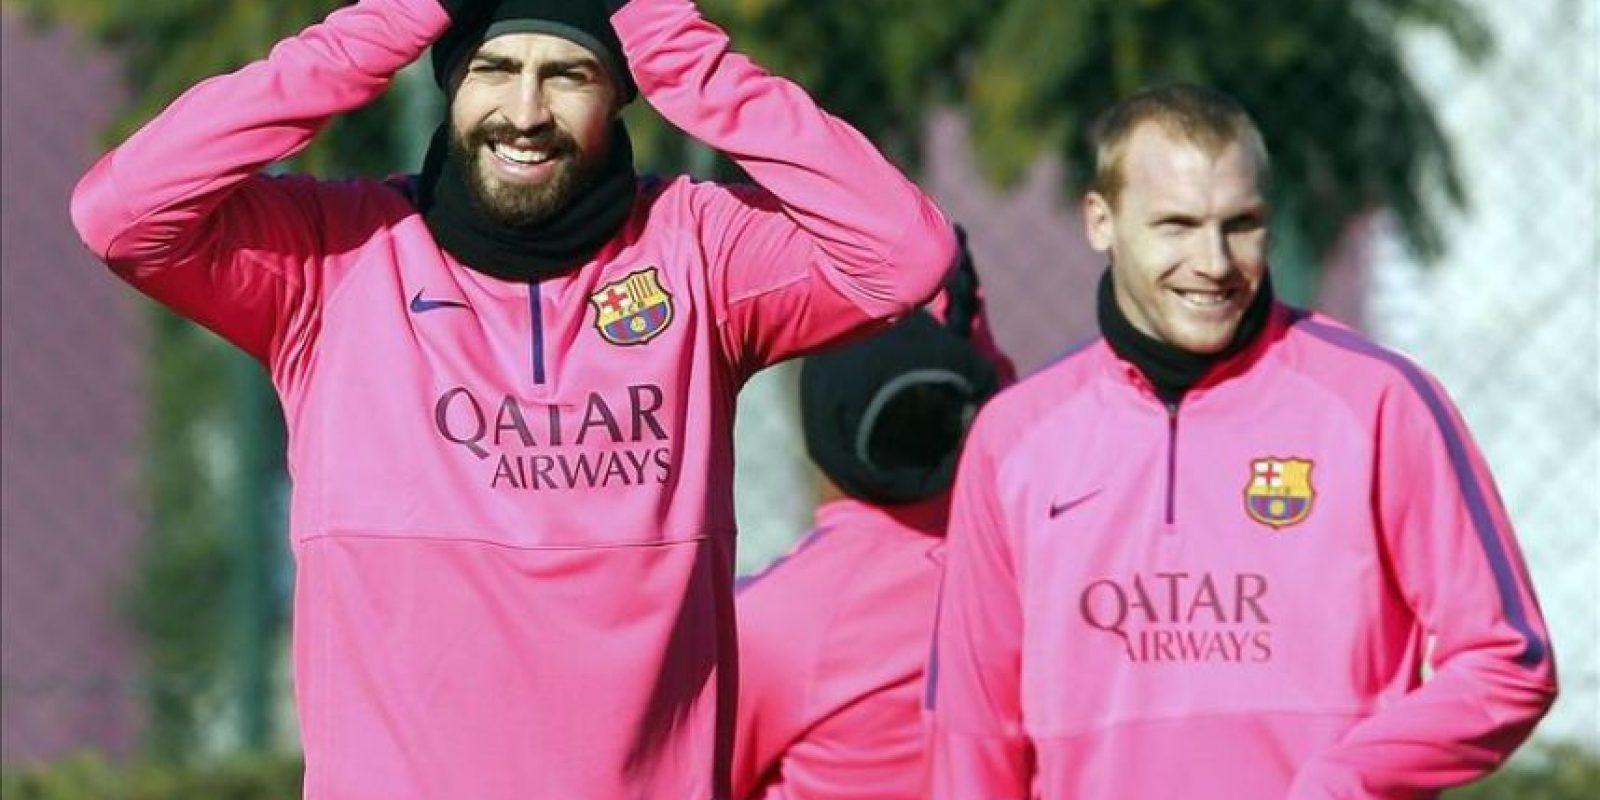 Los jugadores del Barcelona Gerard Pique (i), y Jeremy Mathieu, durante un entrenamiento. EFE/Archivo